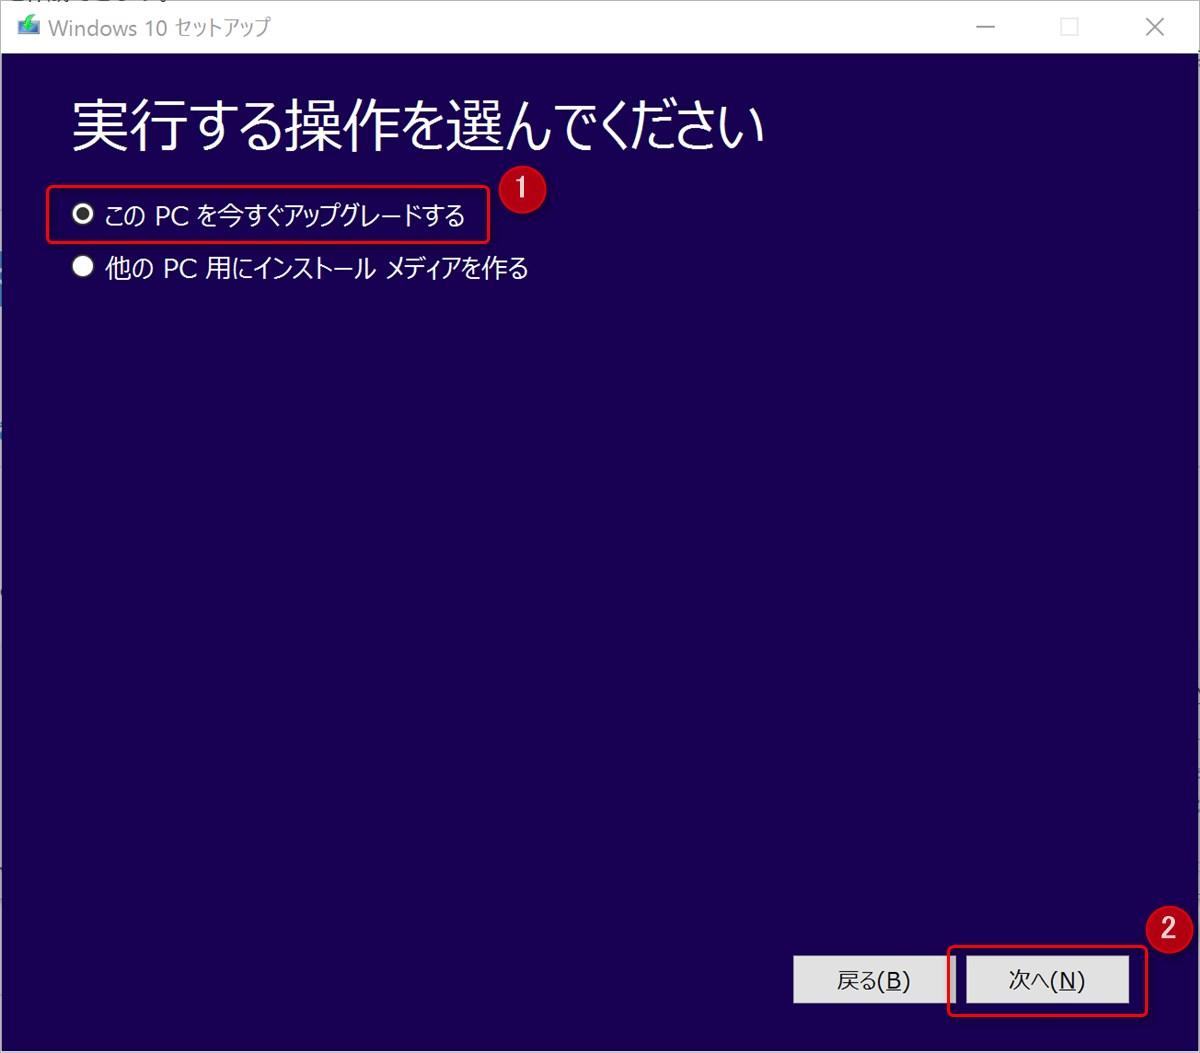 Windows 10 upgrade 3